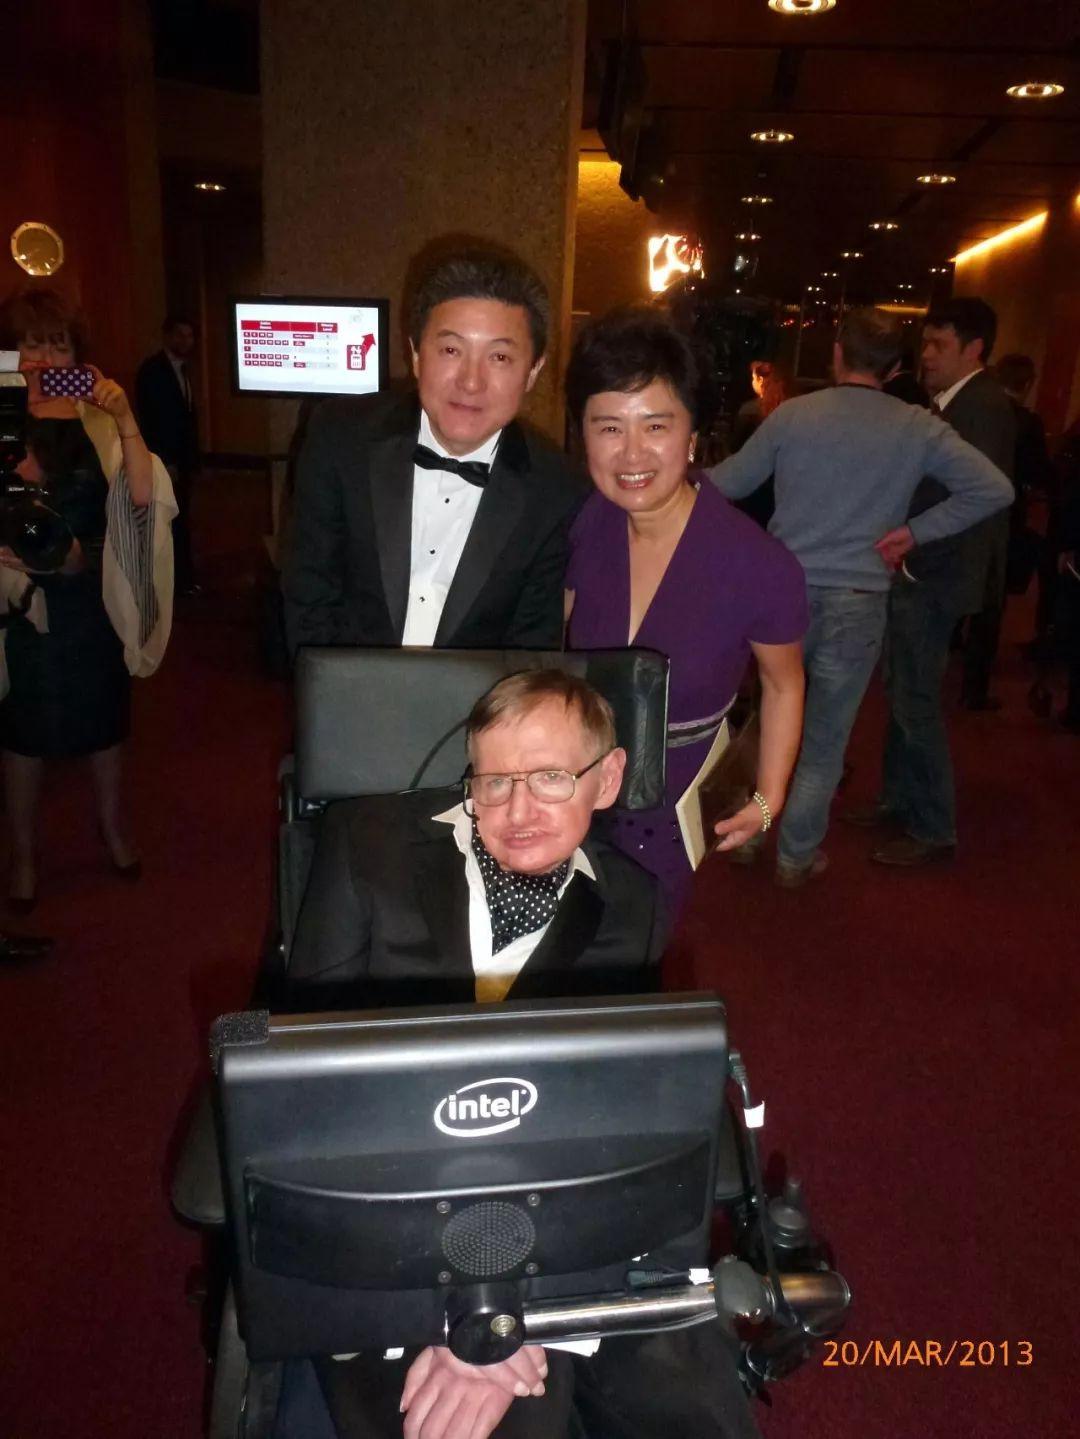 當地時間2013年3月20日晚,瑞士日內瓦,美國斯坦福大學華人物理學教授張首晟(左)獲尤里基礎物理學前沿獎。他與夫人餘曉帆(右)與同日獲得特別獎的英國物理學家霍金(前)。尤里基礎物理學獎由俄羅斯億萬富翁及風險投資家尤里·米爾納於2012年7月成立,在全球範圍內獎勵傑出理論物理學家。   圖片來源:中國新聞圖片網張首晟提供